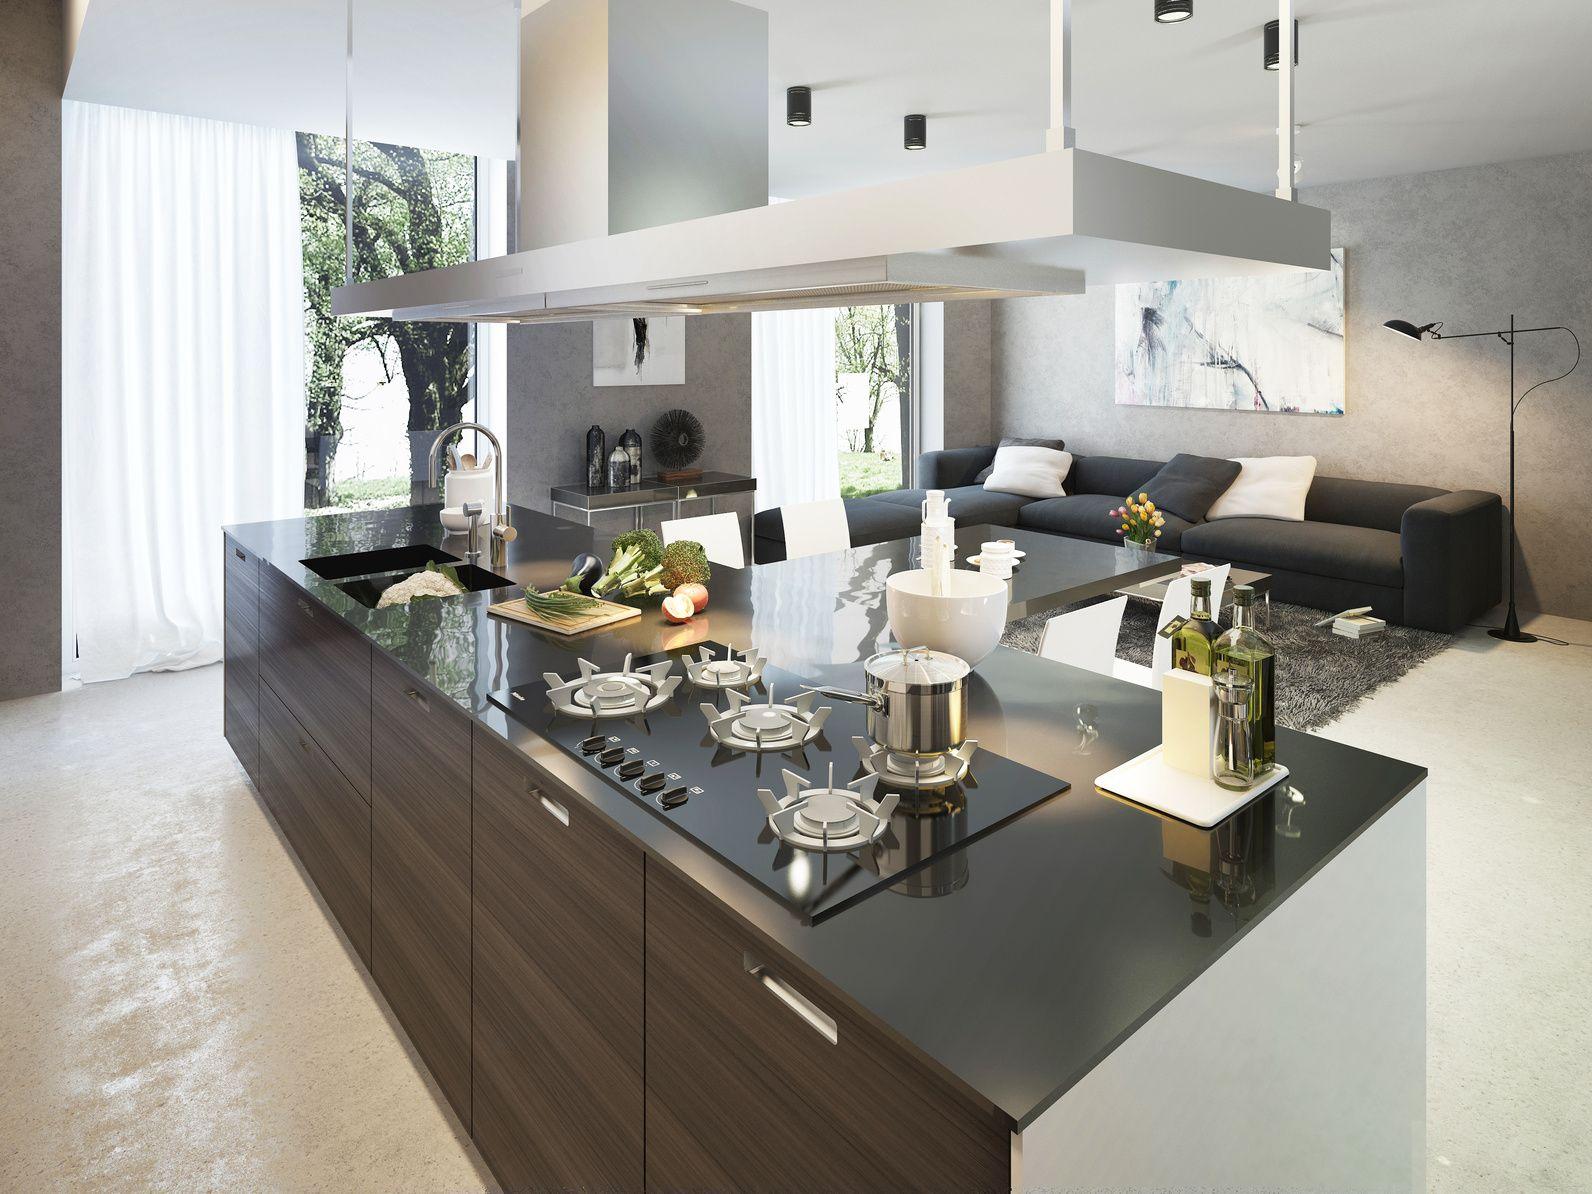 Offene Wohnküchen moderne offene wohnküche mit kücheninsel offene wohnküchen